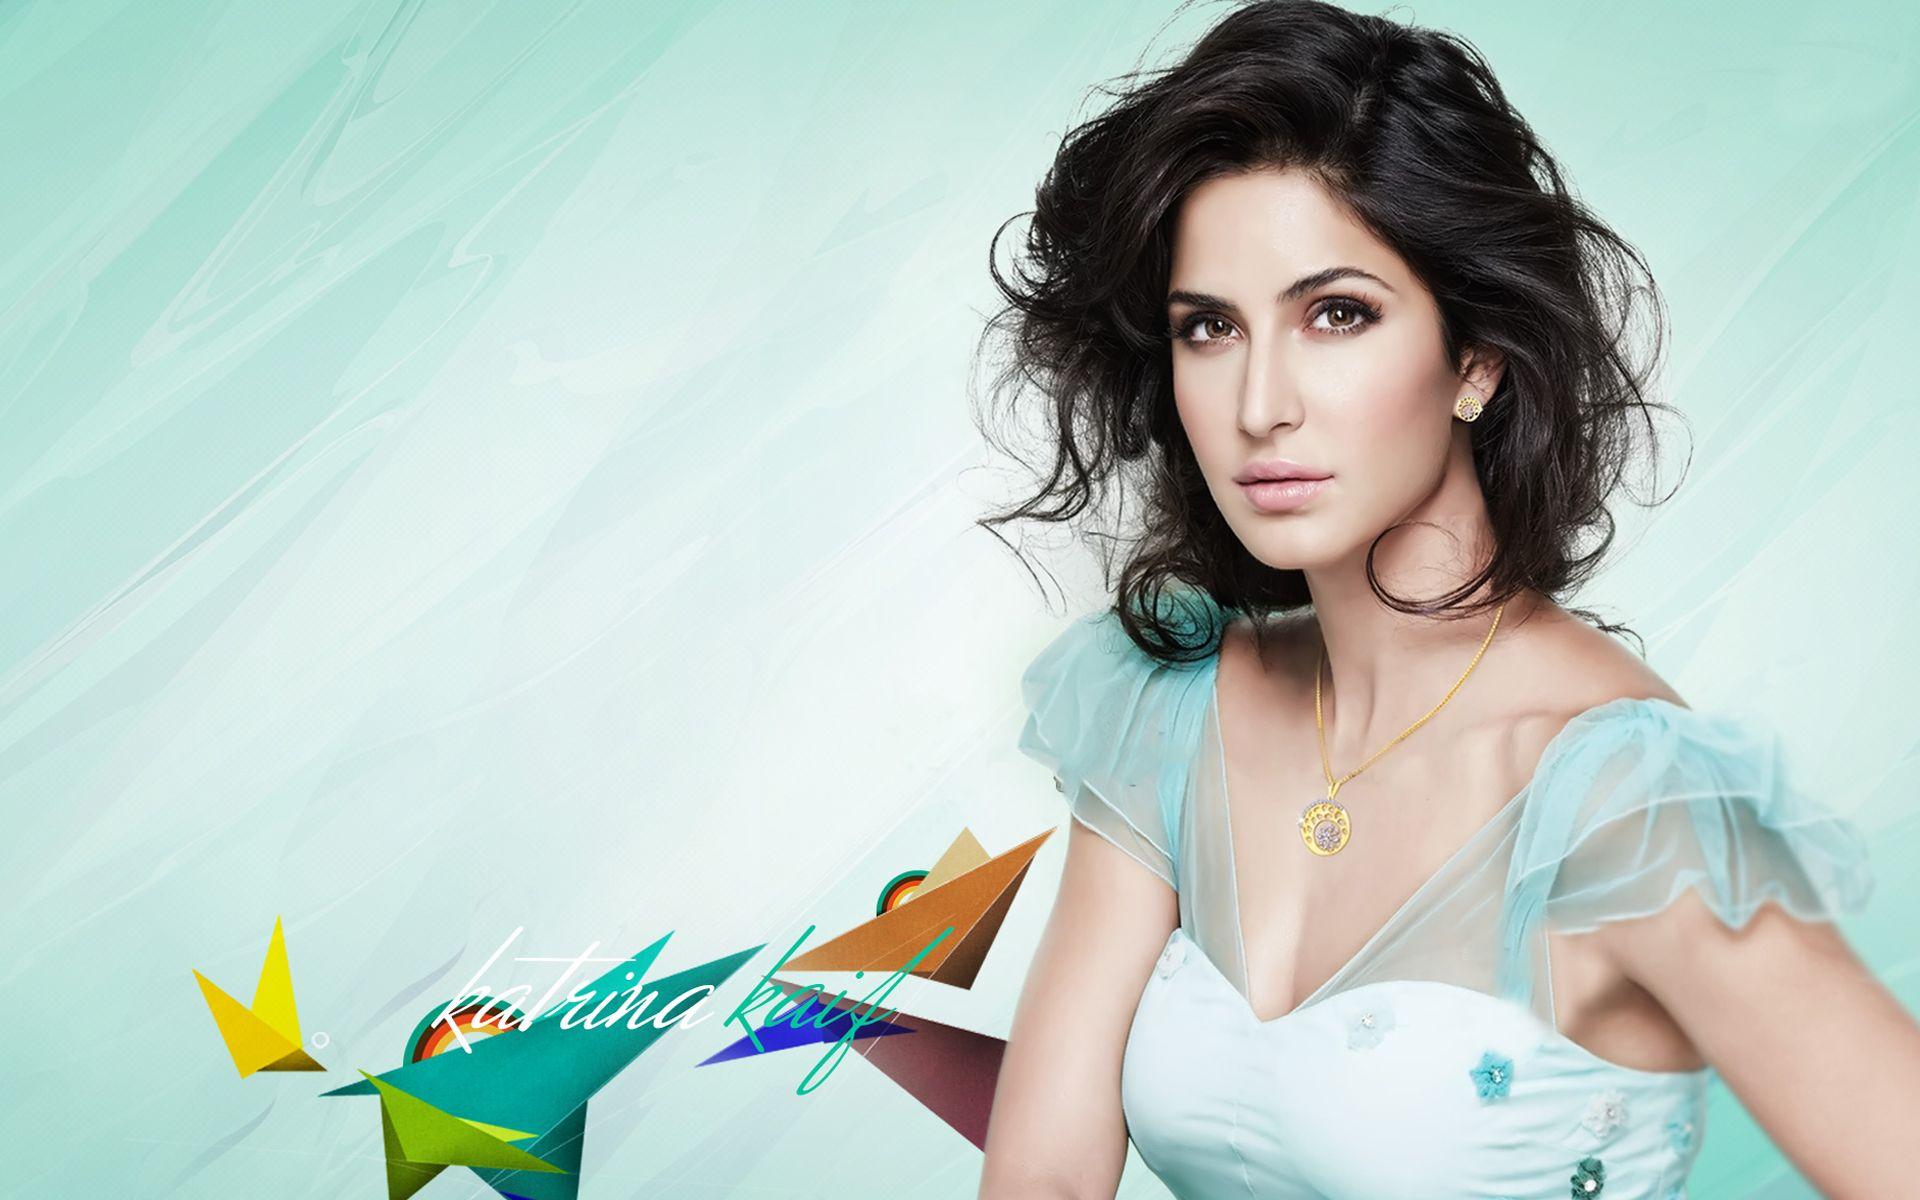 Download Bollywood Actress Hd Wallpapers 1080p Free: Katrina Kaif New Sexy HD Wallpaper Katrina Kaif , HD, Hot